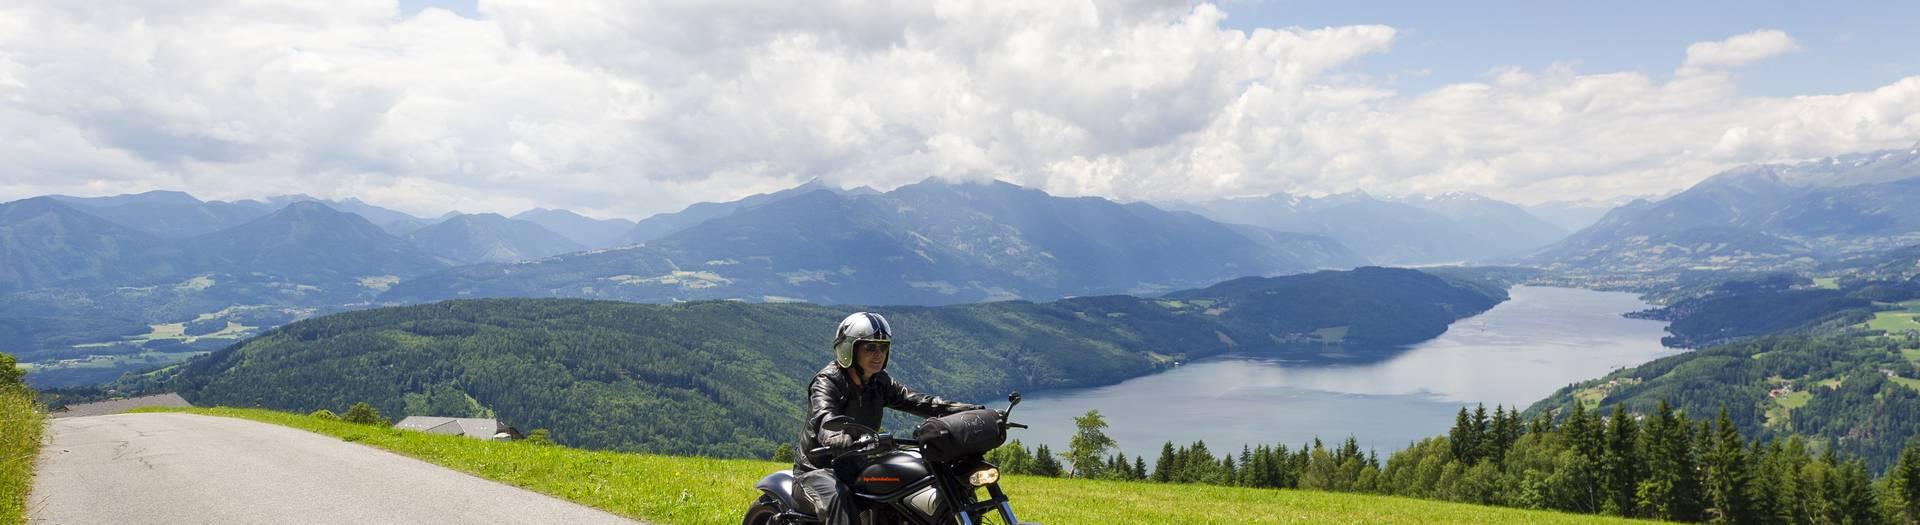 Motorradland Kärnten Millstätter See